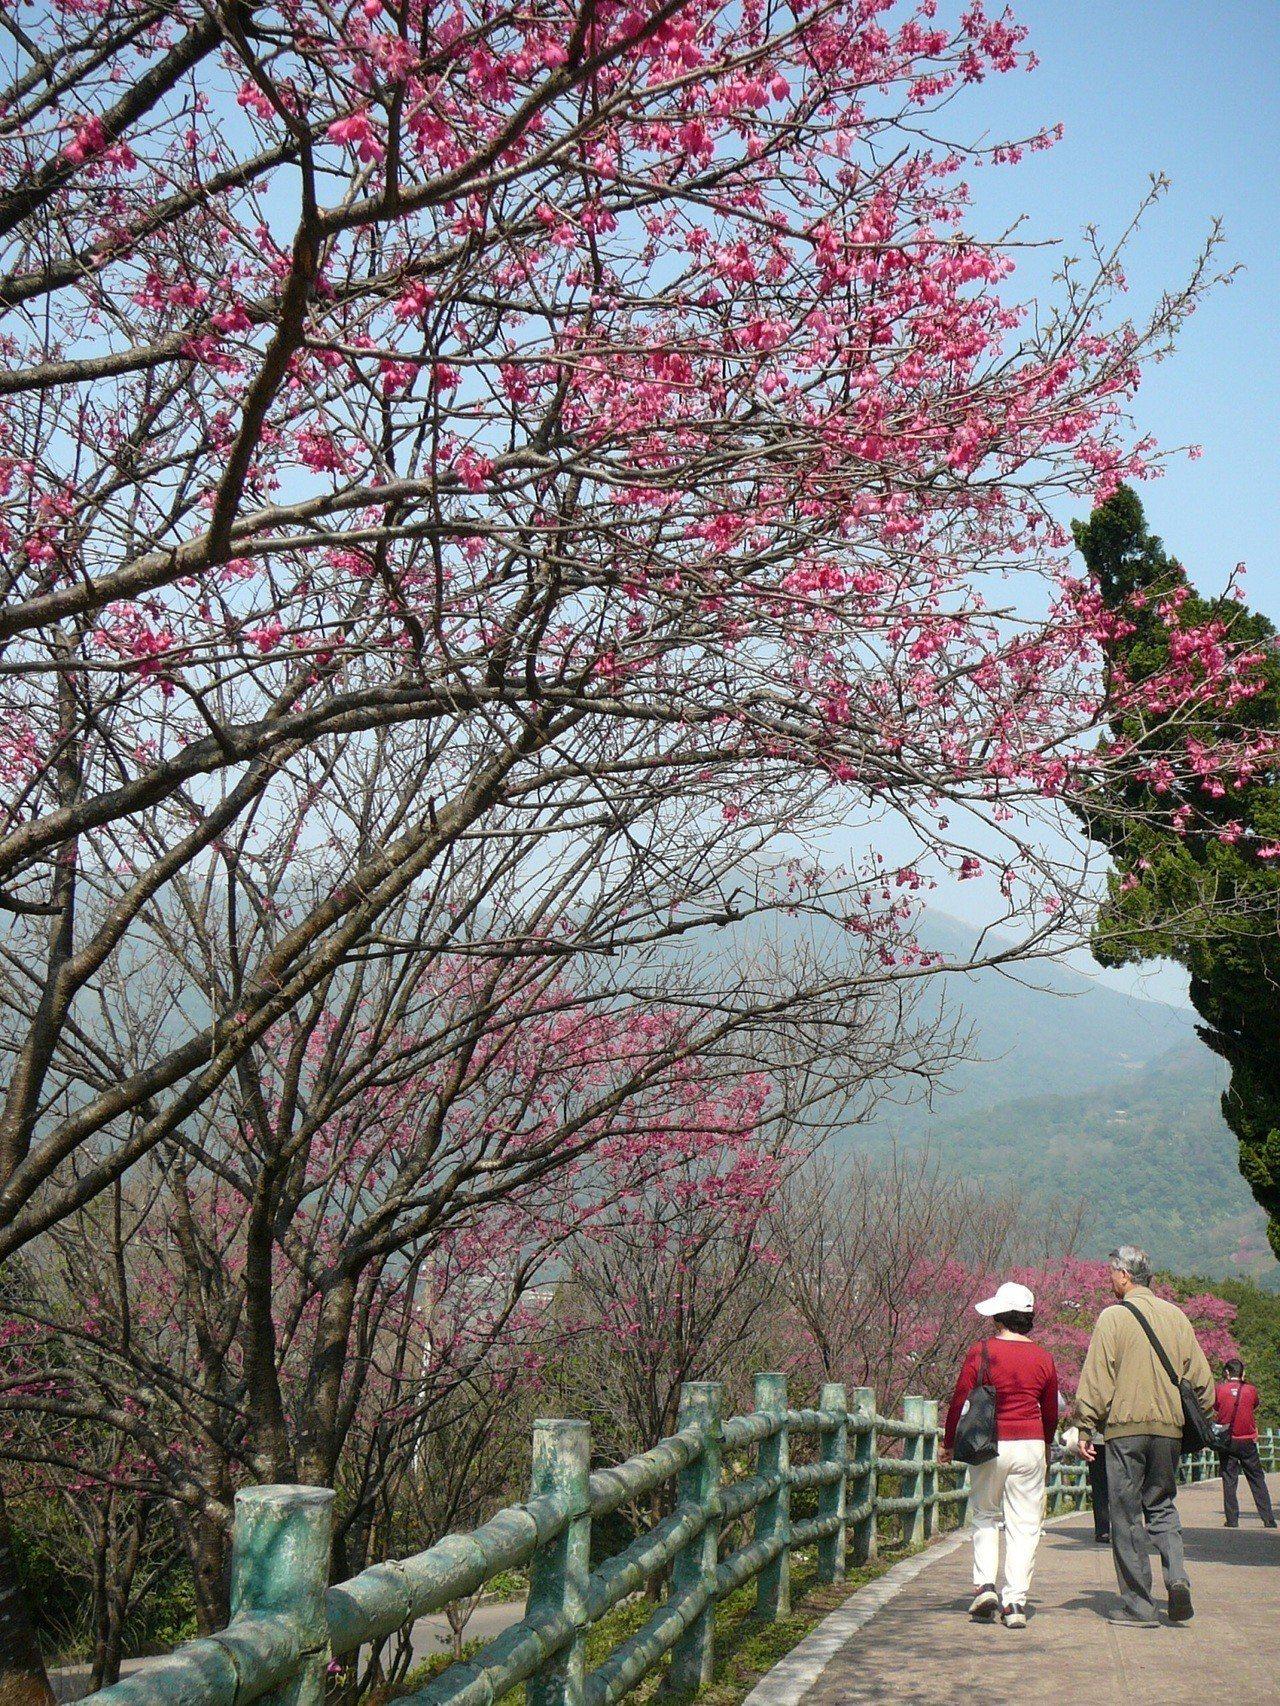 冬去春來,陽明山上櫻花盛開,正是走春賞花好時節。 圖/台北市公園處提供